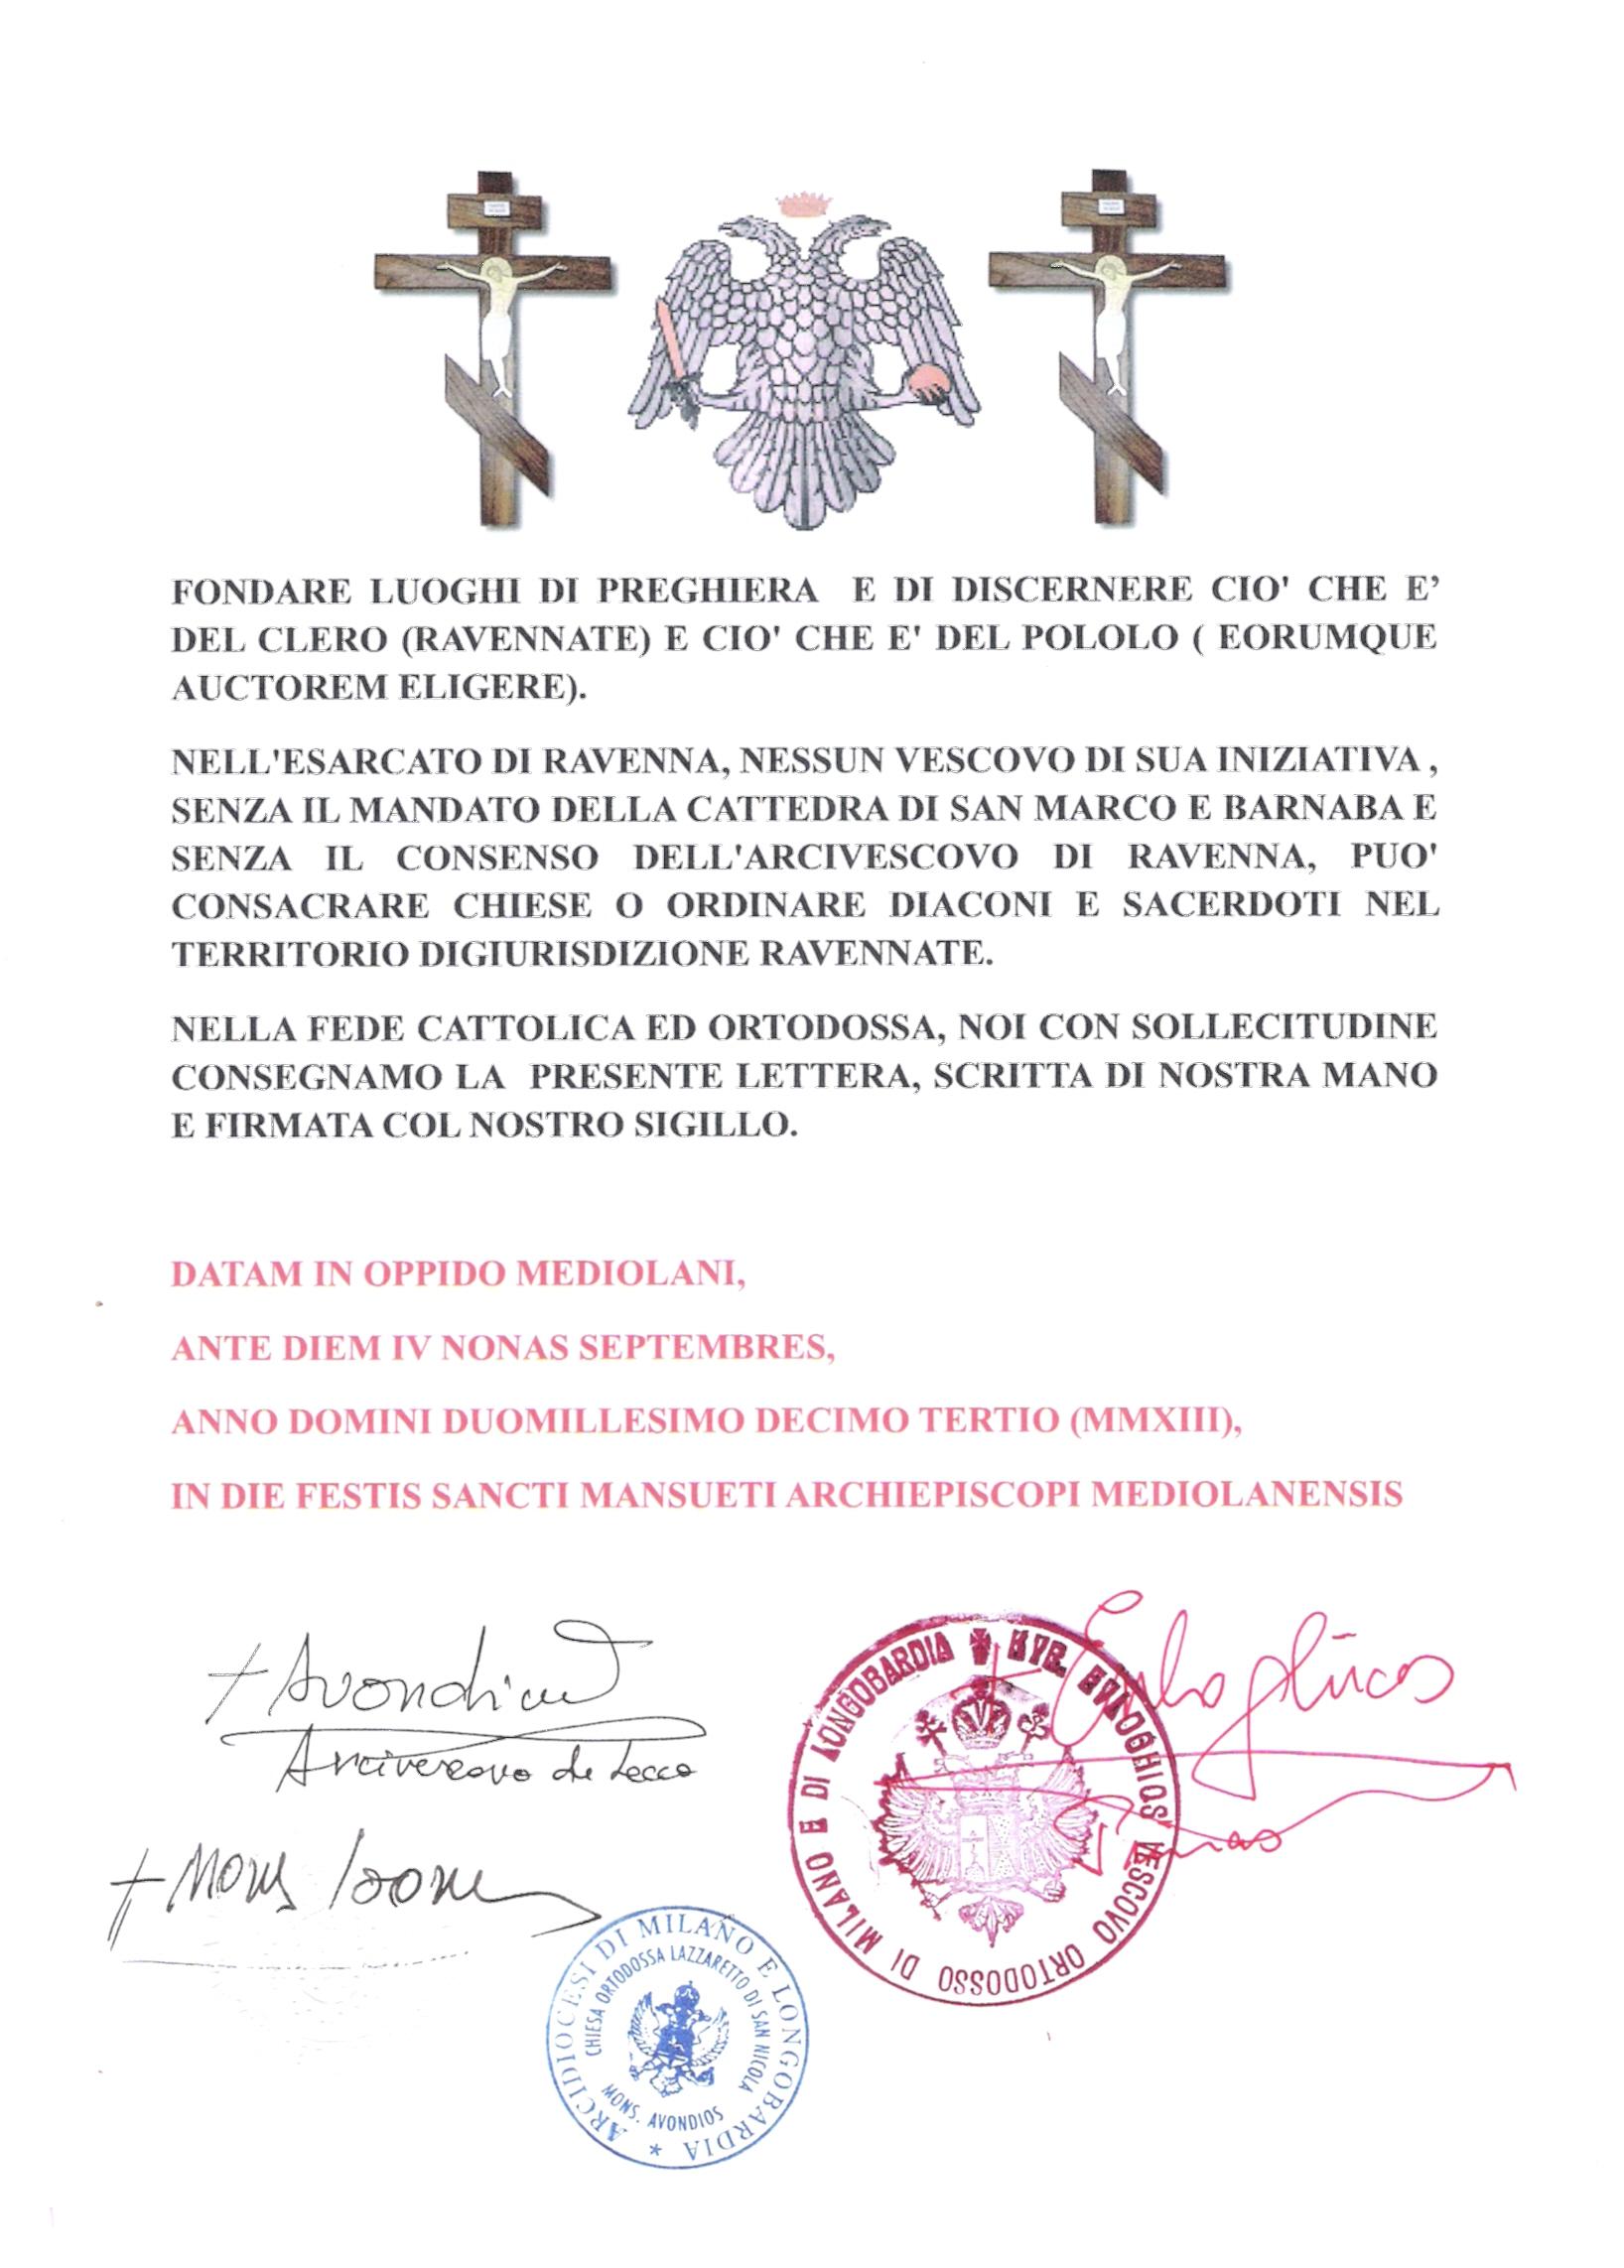 В недіРю 2 вересня 2013 за старим стиРем вРадика ВоРодимир був підвищений до сану архієпископа Равенни і Святого острова РРія Prot